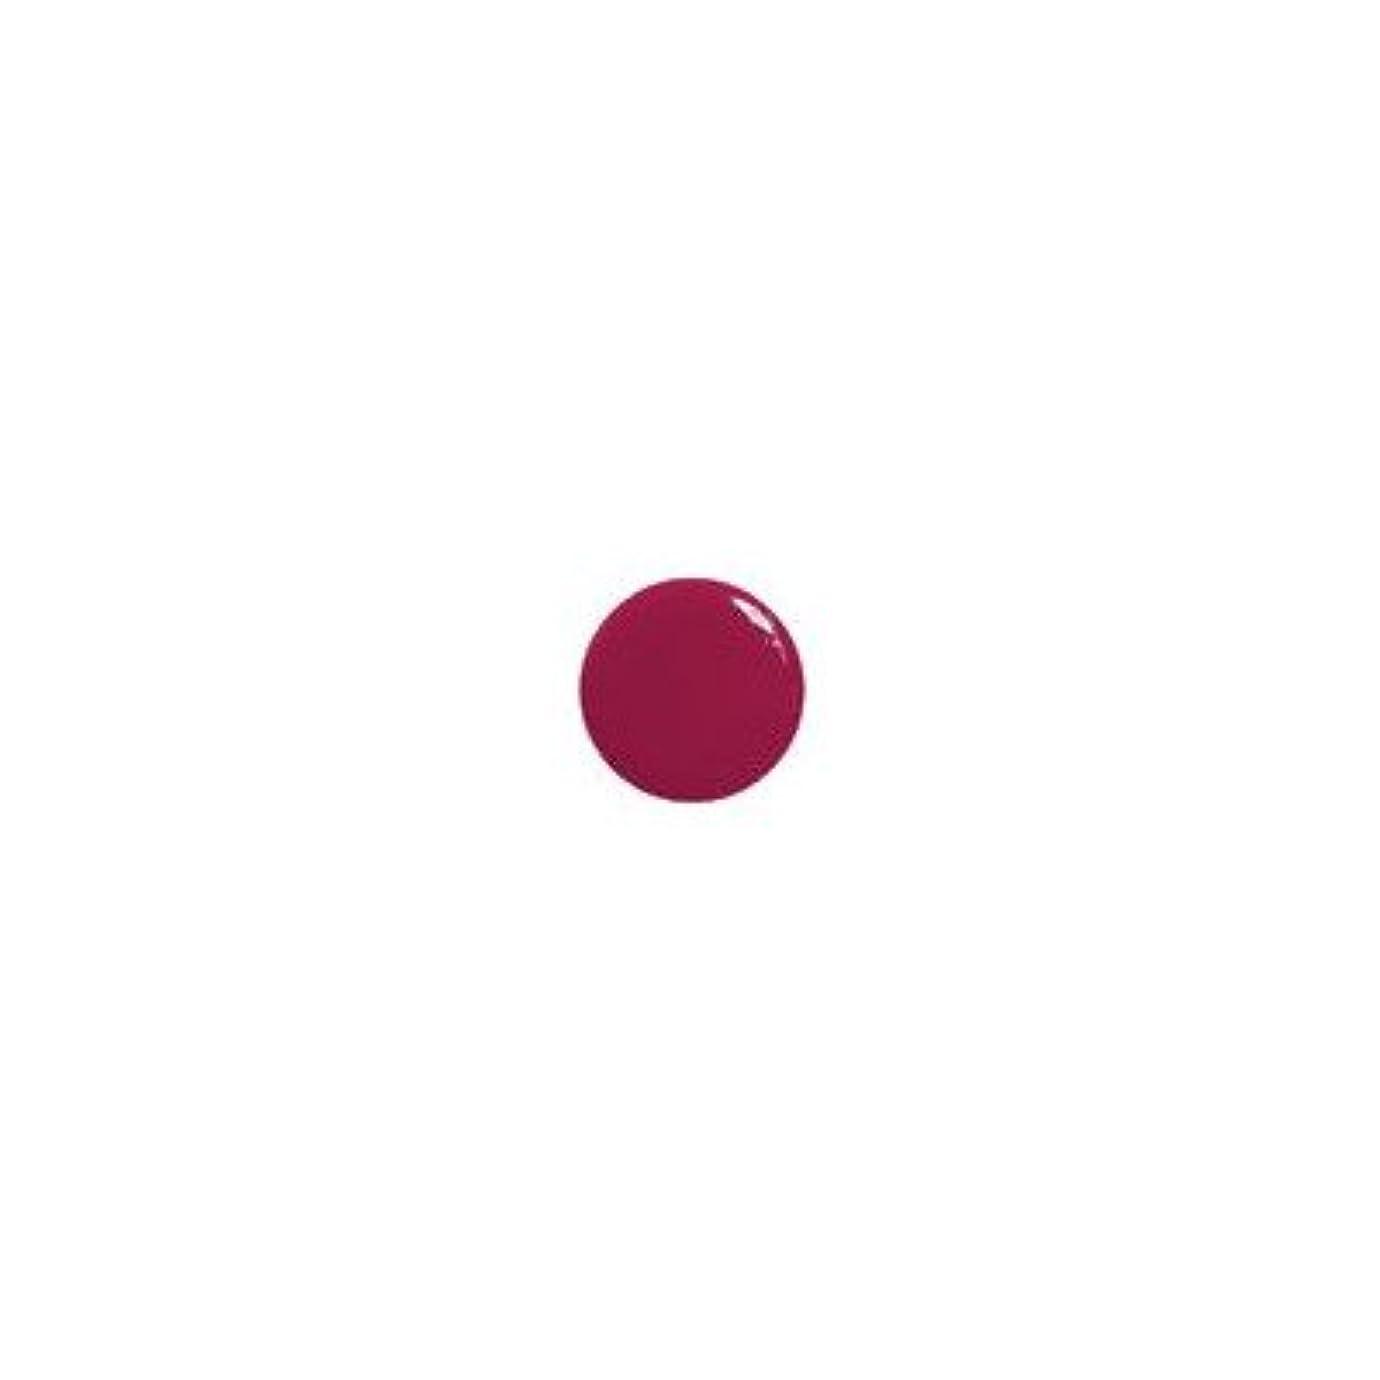 平日クールからに変化するジェレレーション カラー485Cブラシングプリンセス